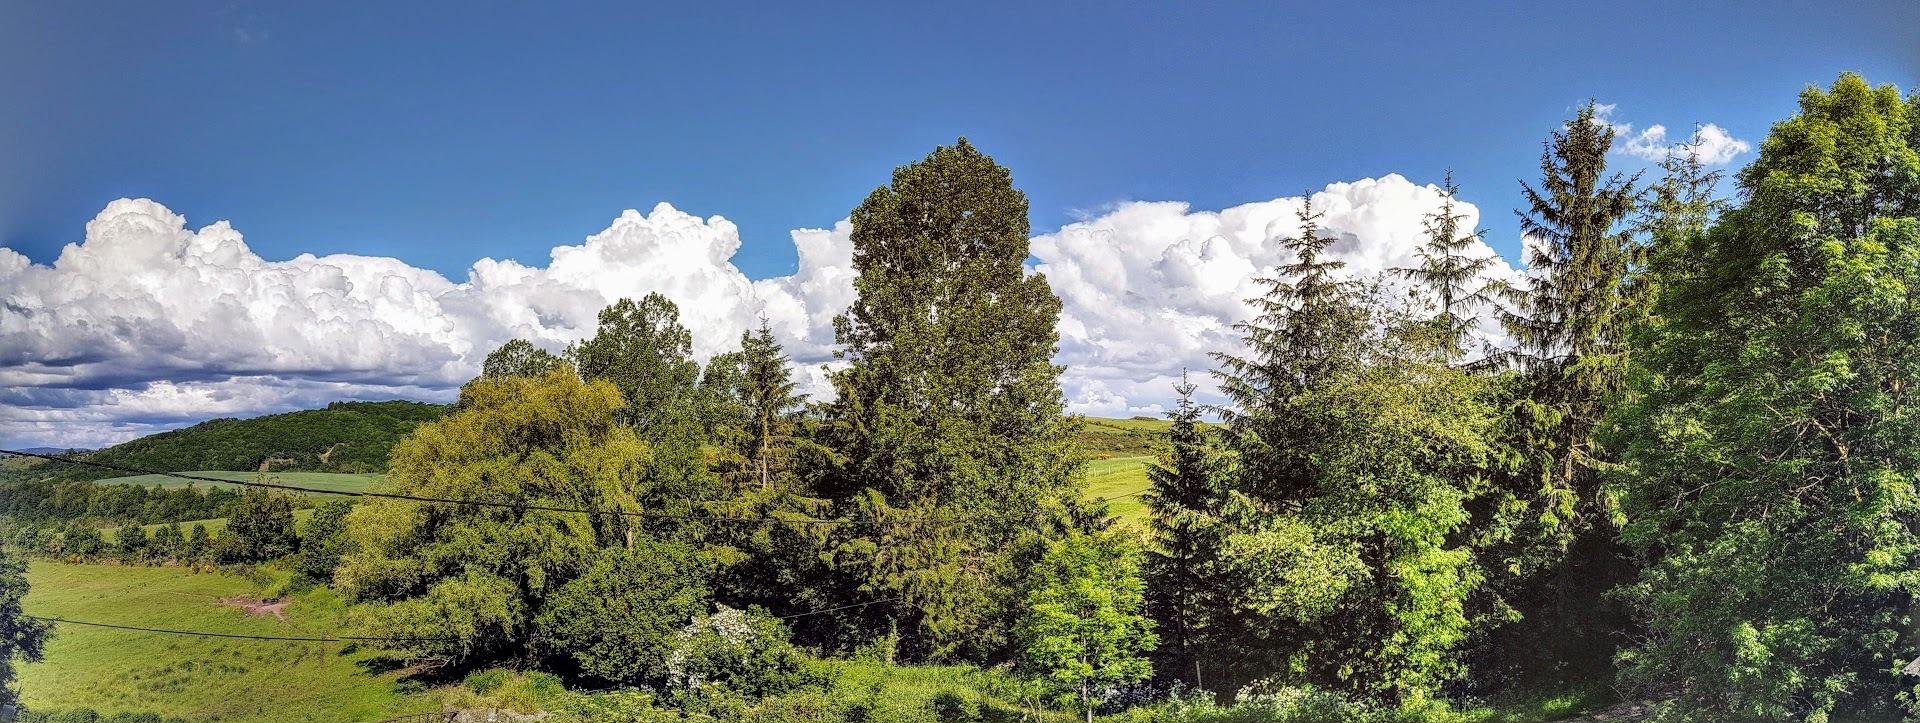 Les Cumulus nimbus by Brigitte Uras